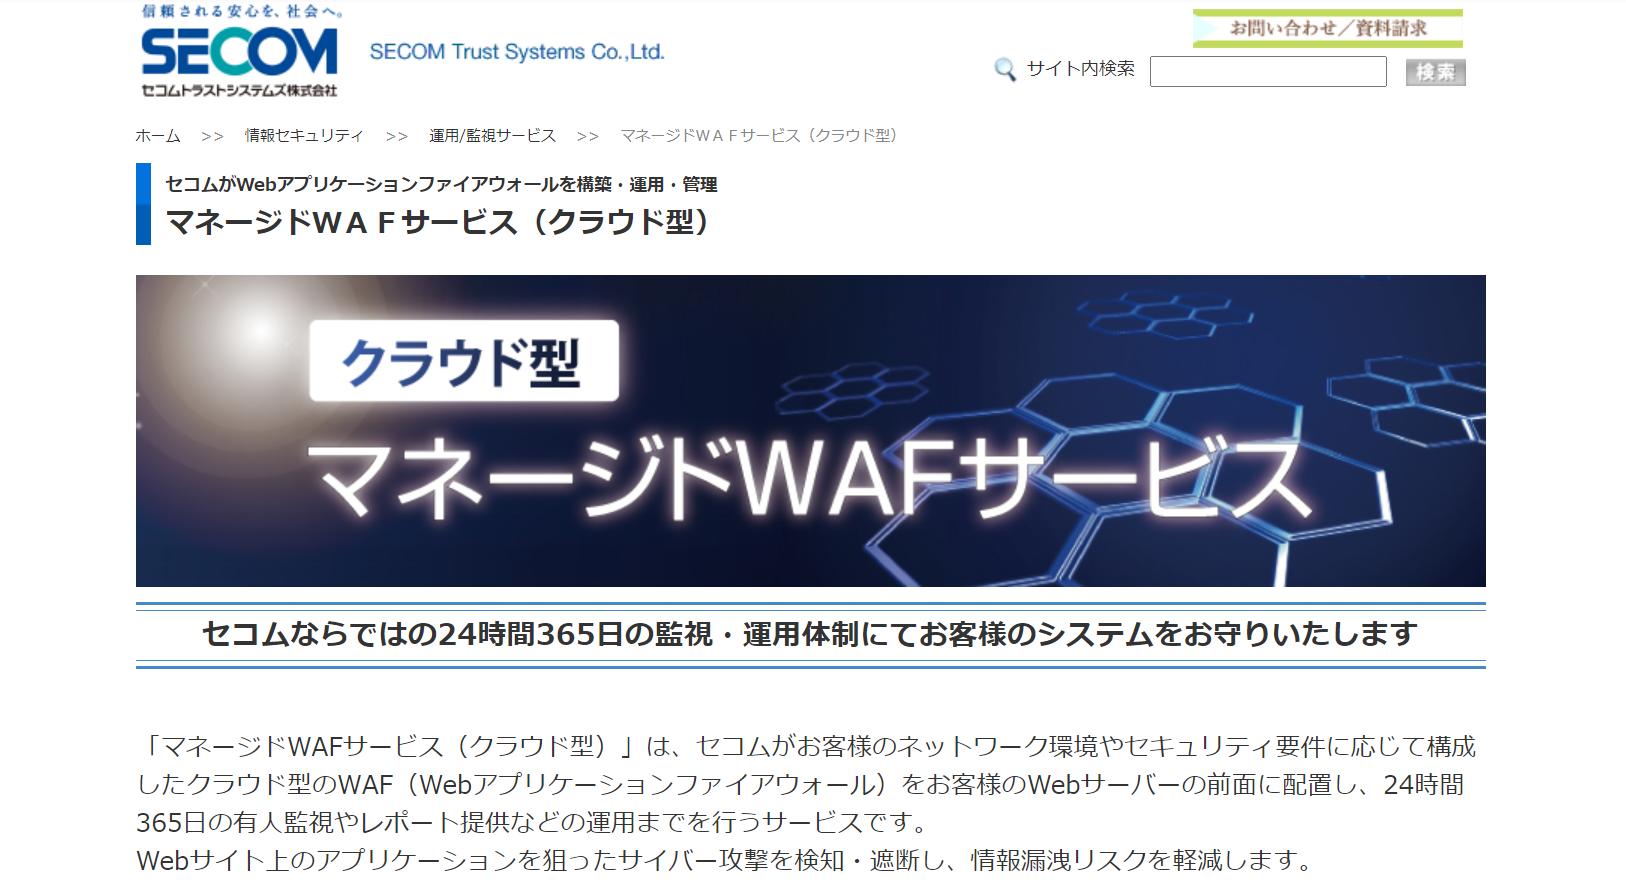 マネージドWAFサービス 公式Webサイト